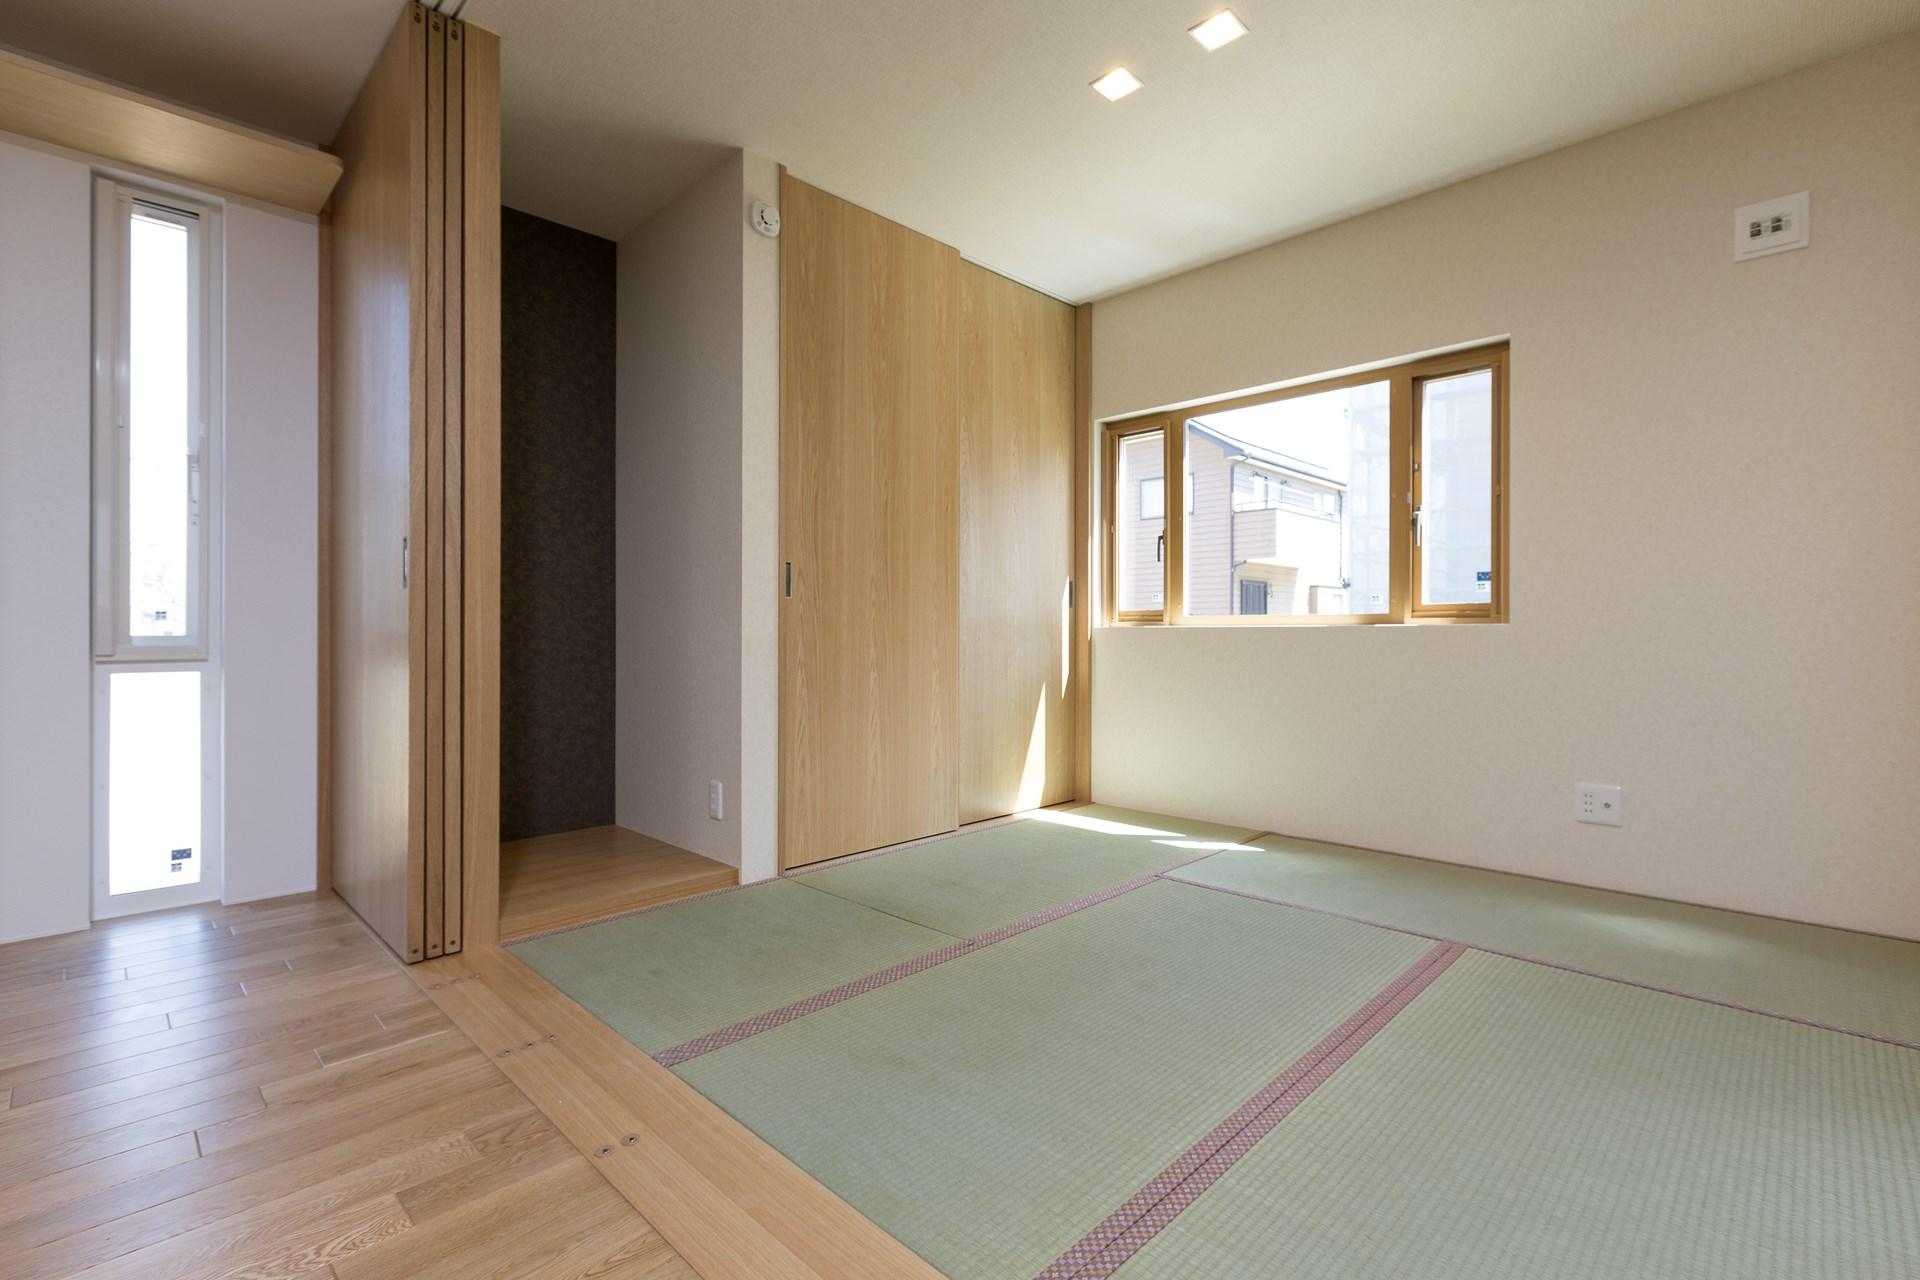 土浦市の新築一戸建ての和室